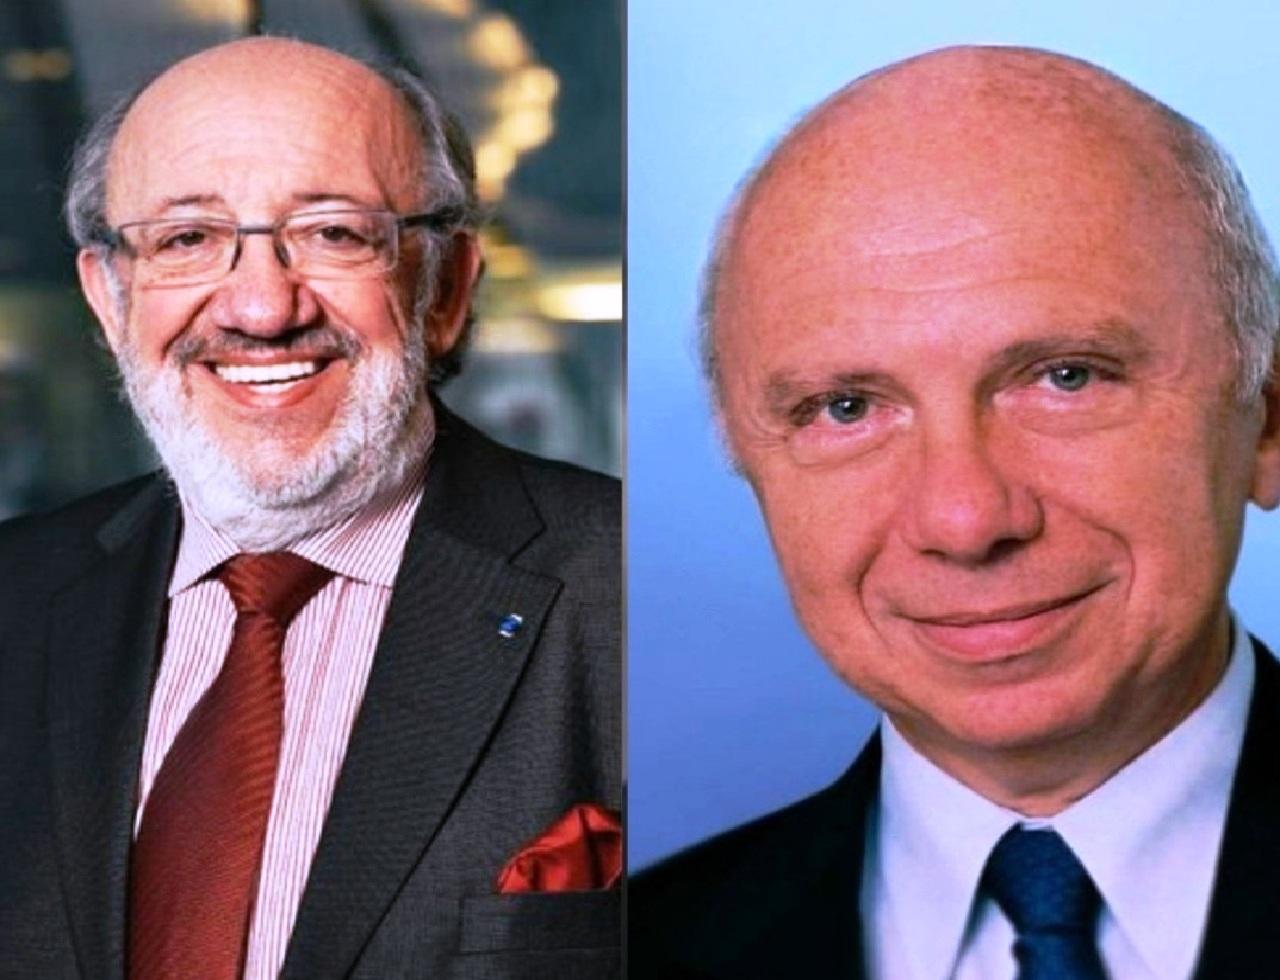 سياسيان بلجيكيان بارزان يدعوان الاتحاد الأوربي إلى دعم مغربية الصحراء